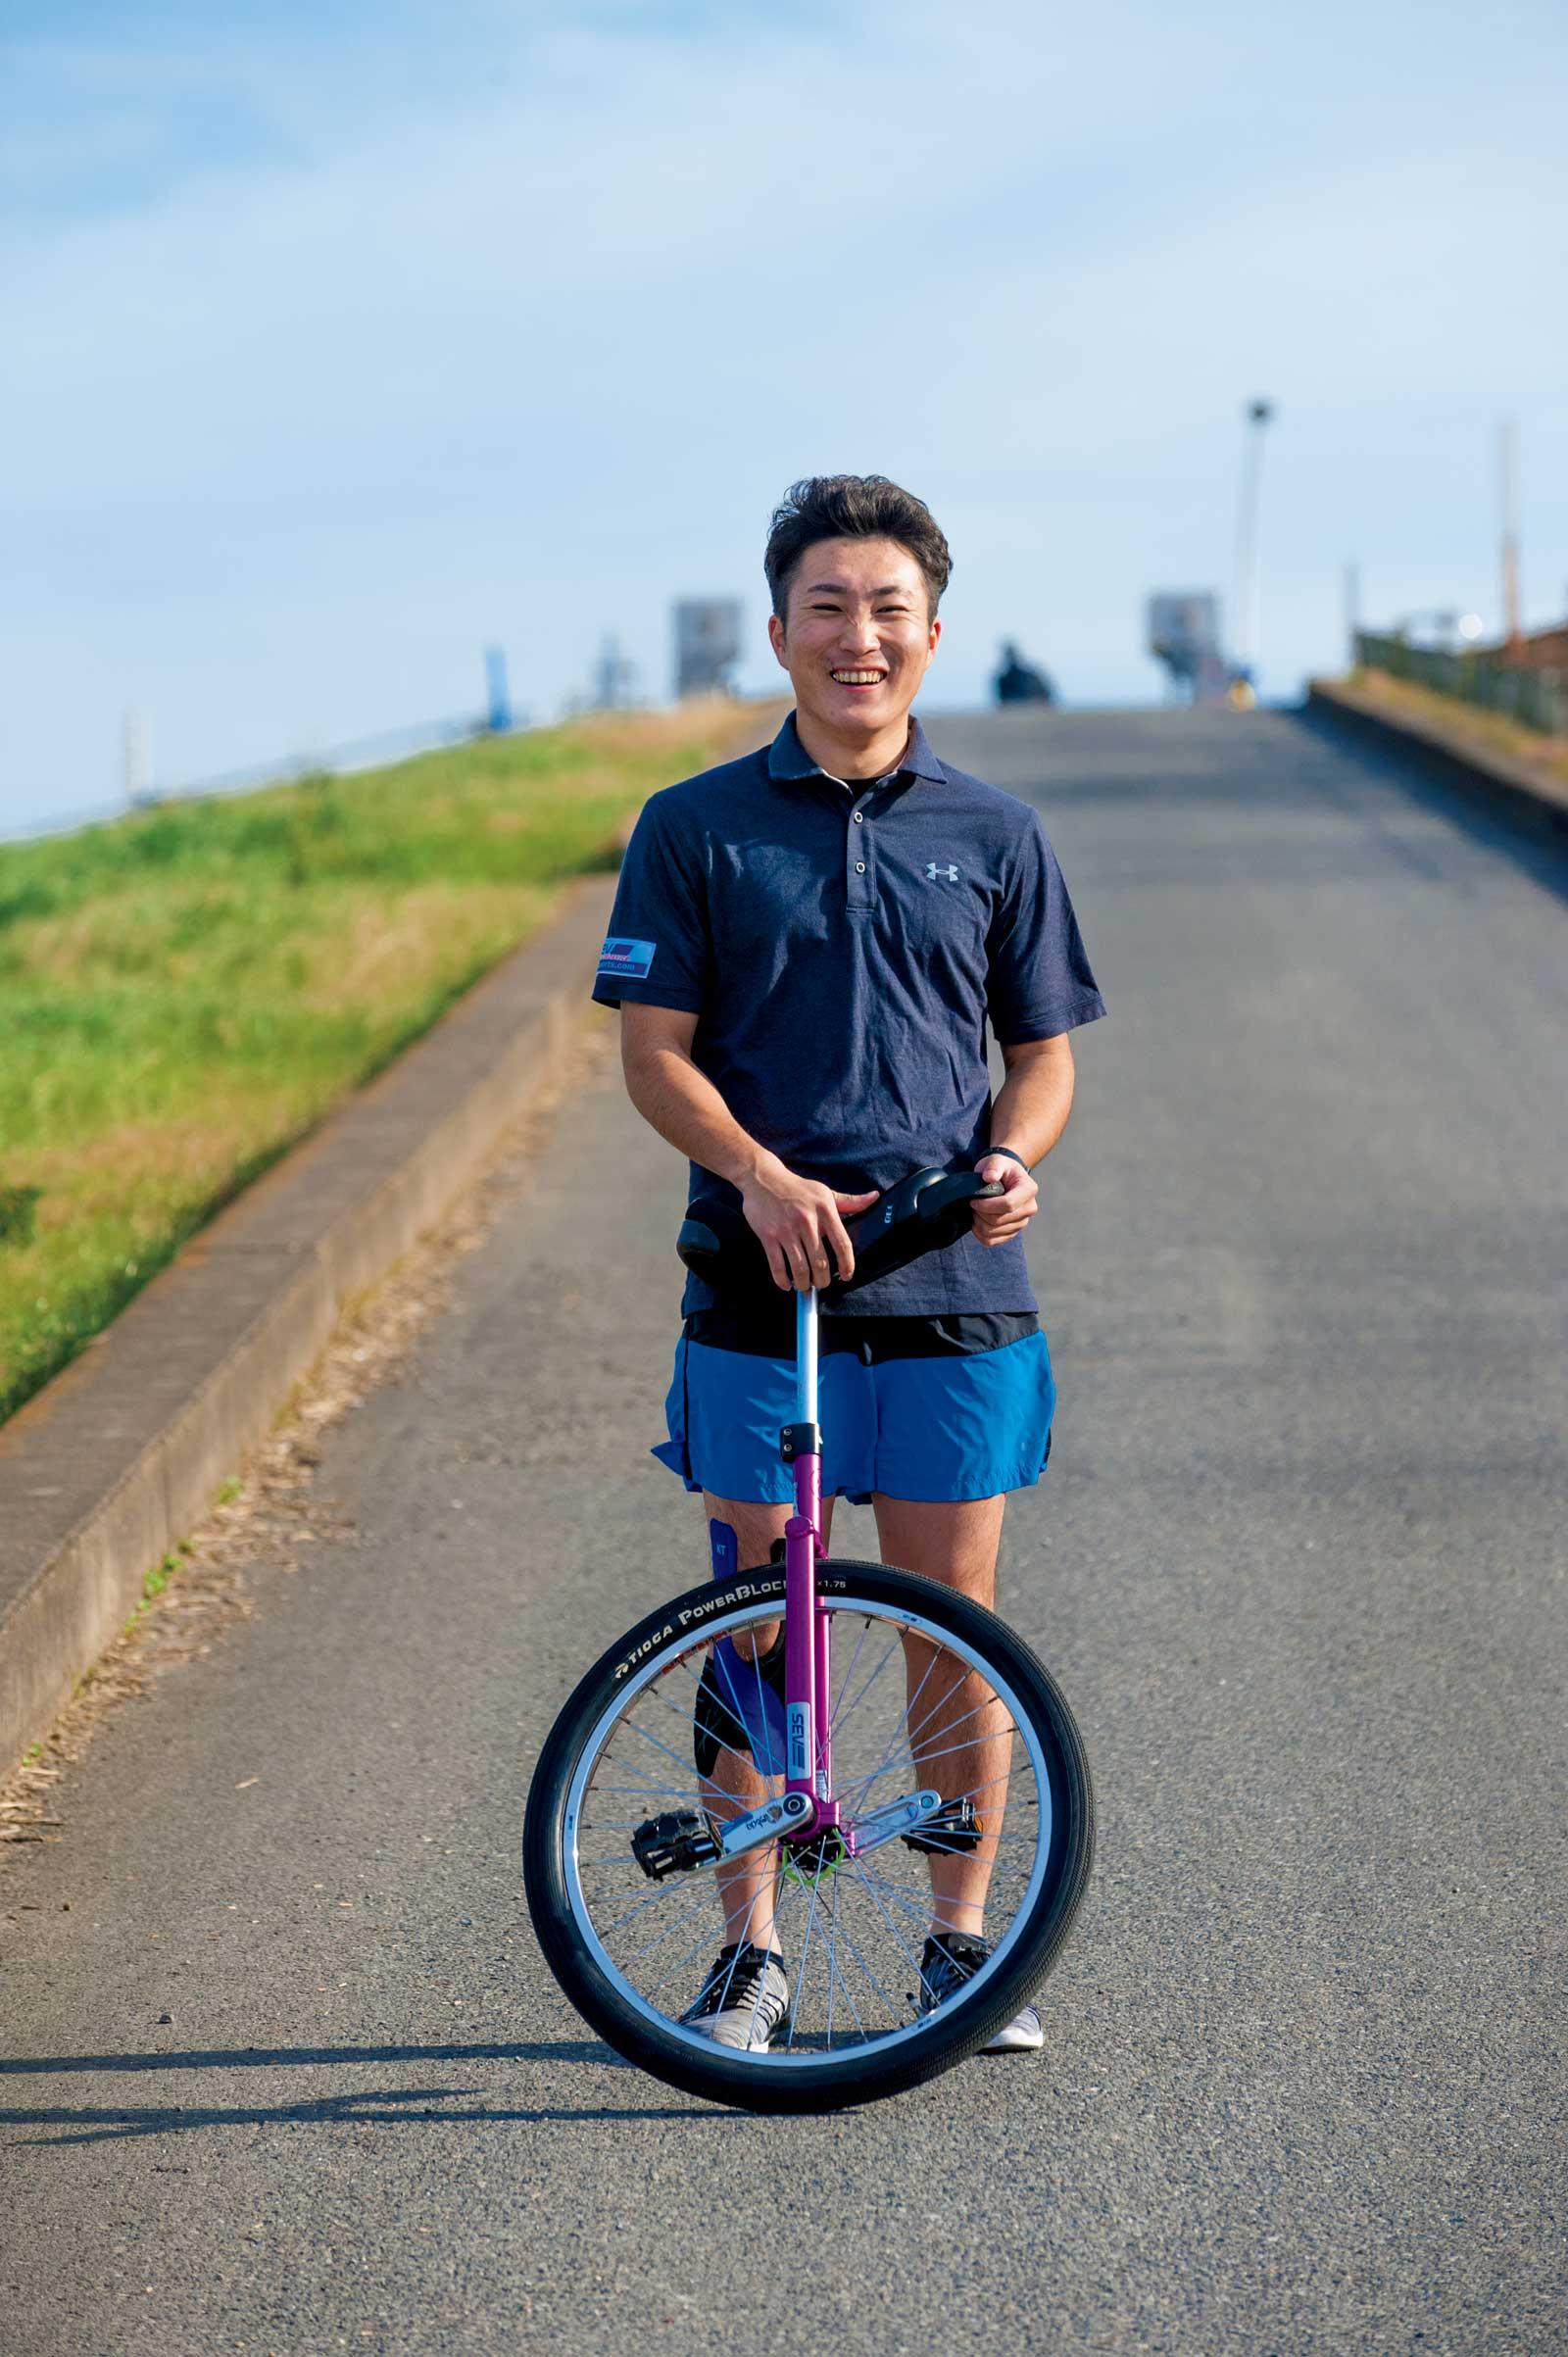 一輪車競技選手・阿部雄人